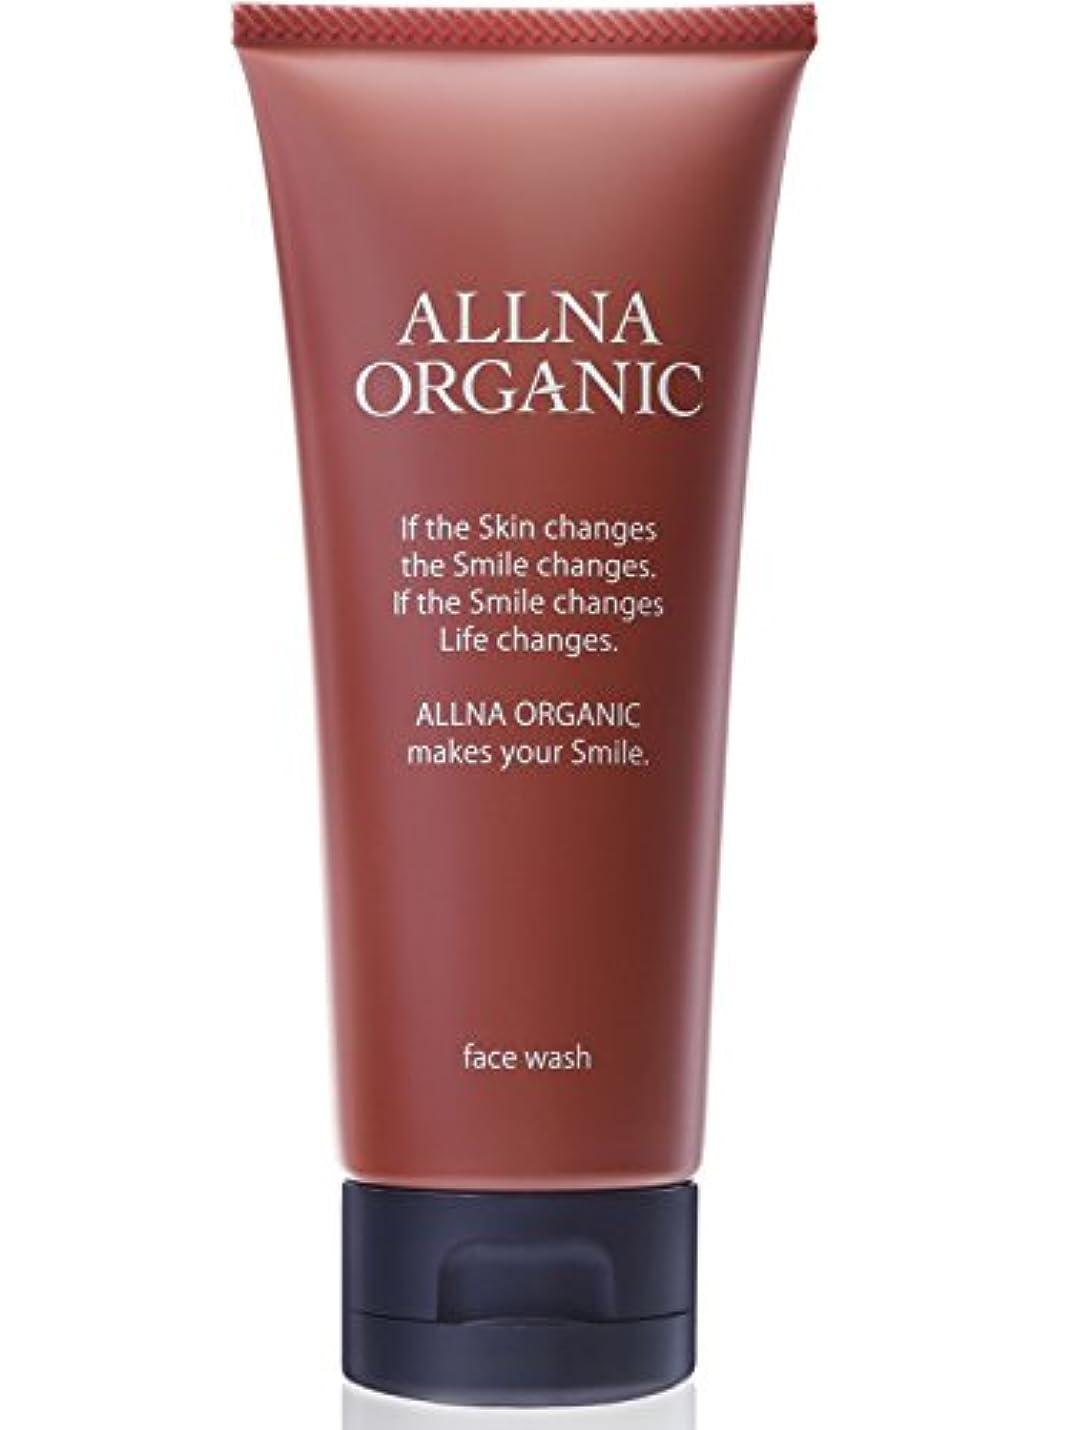 デコレーション設置リテラシーオルナ オーガニック 洗顔 洗顔フォーム 「 泡立つ ボタニカル 洗顔料 」「 合成着色料 合成香料 無添加 」100g